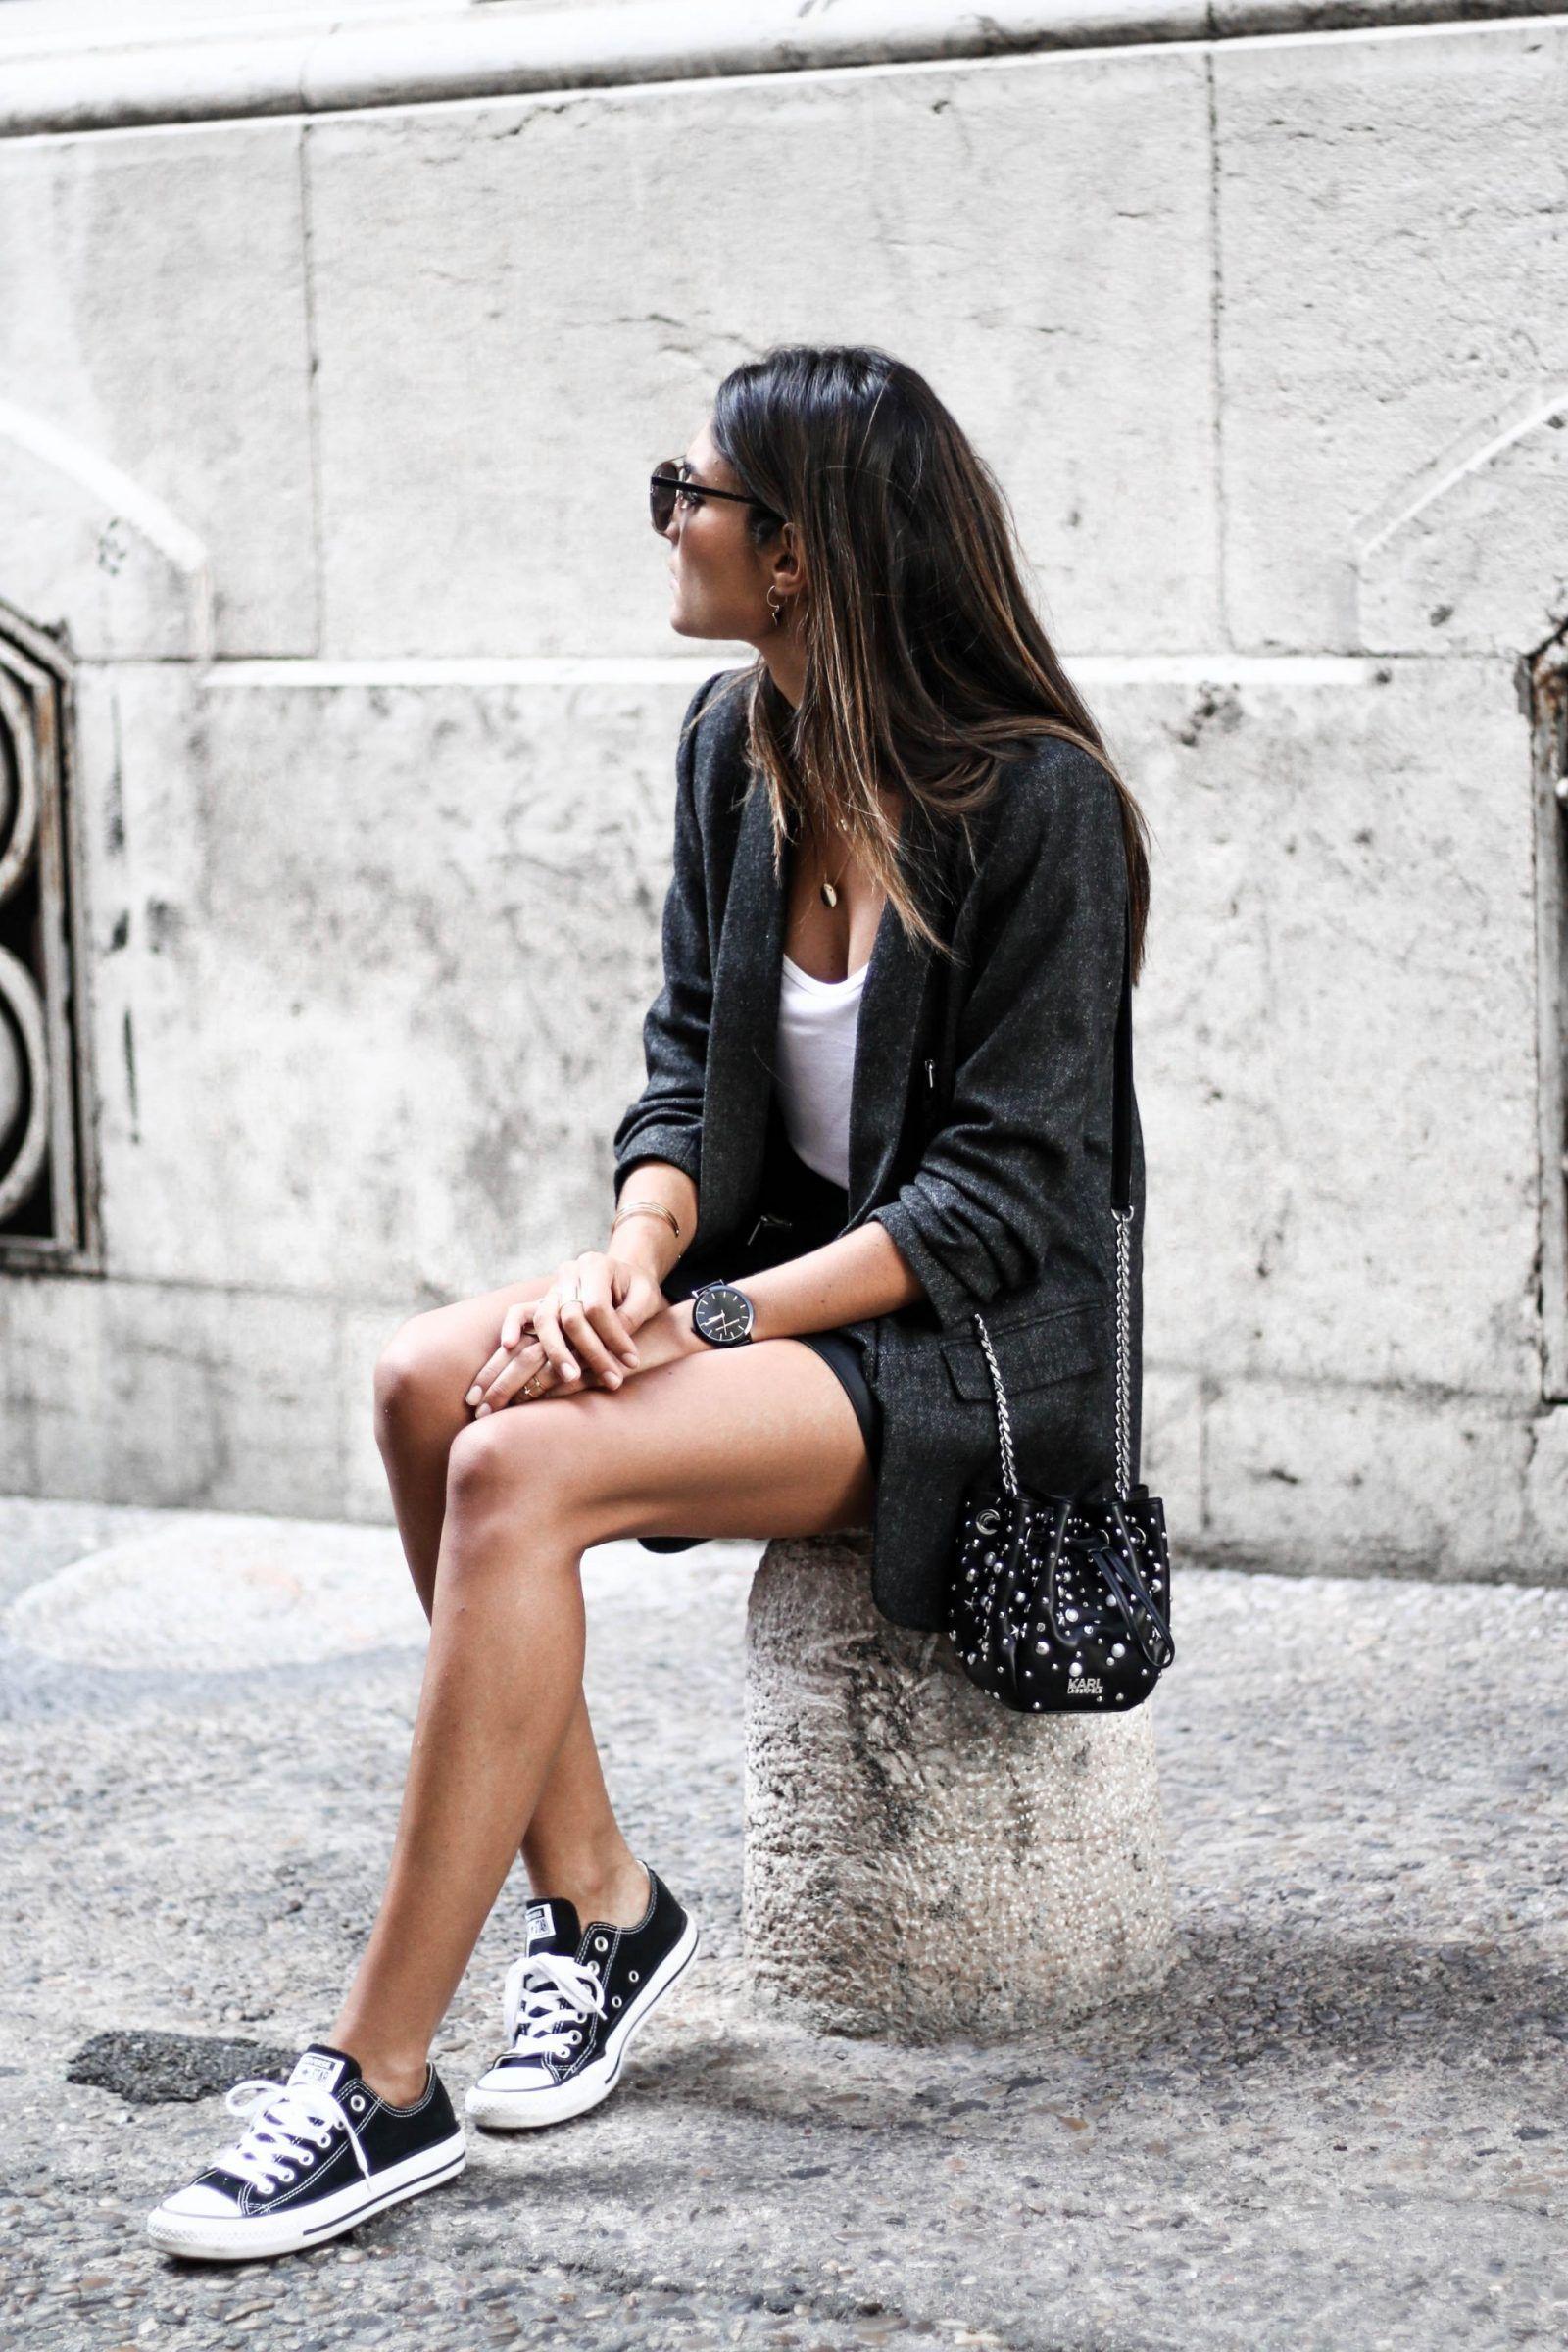 JUNESIXTYFIVE Look automne blazer converse | S T Y L E